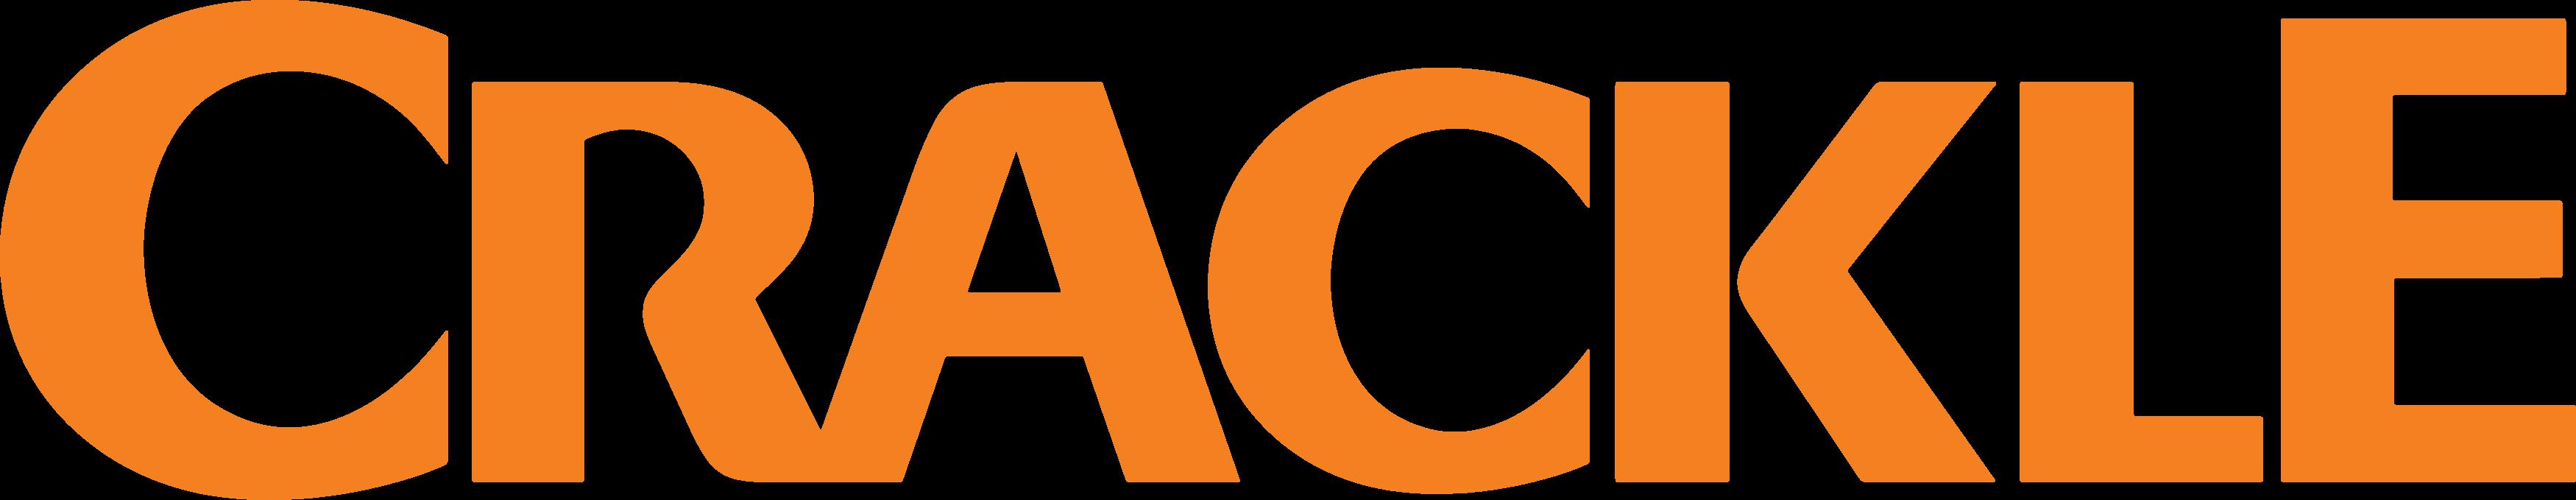 crackle-logo-howtowatchincanada